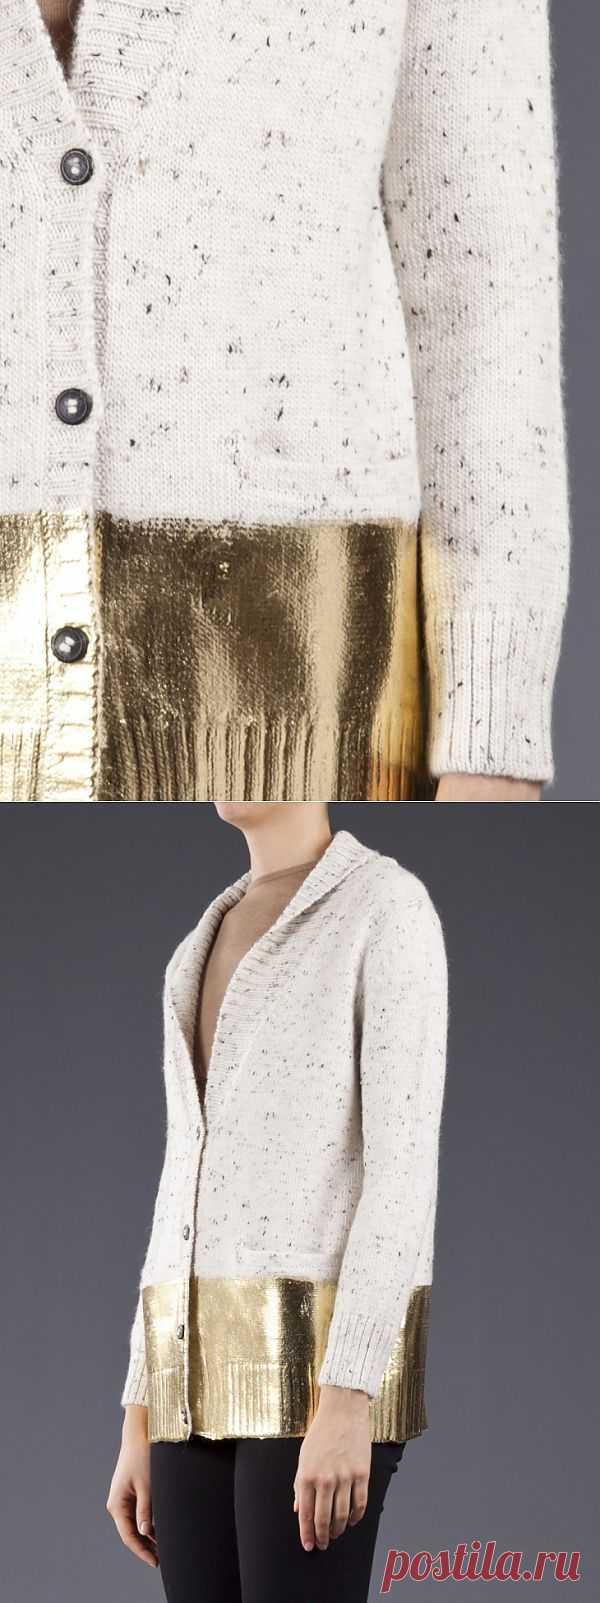 Эффект фольги Rachel Comey / Свитер / Модный сайт о стильной переделке одежды и интерьера